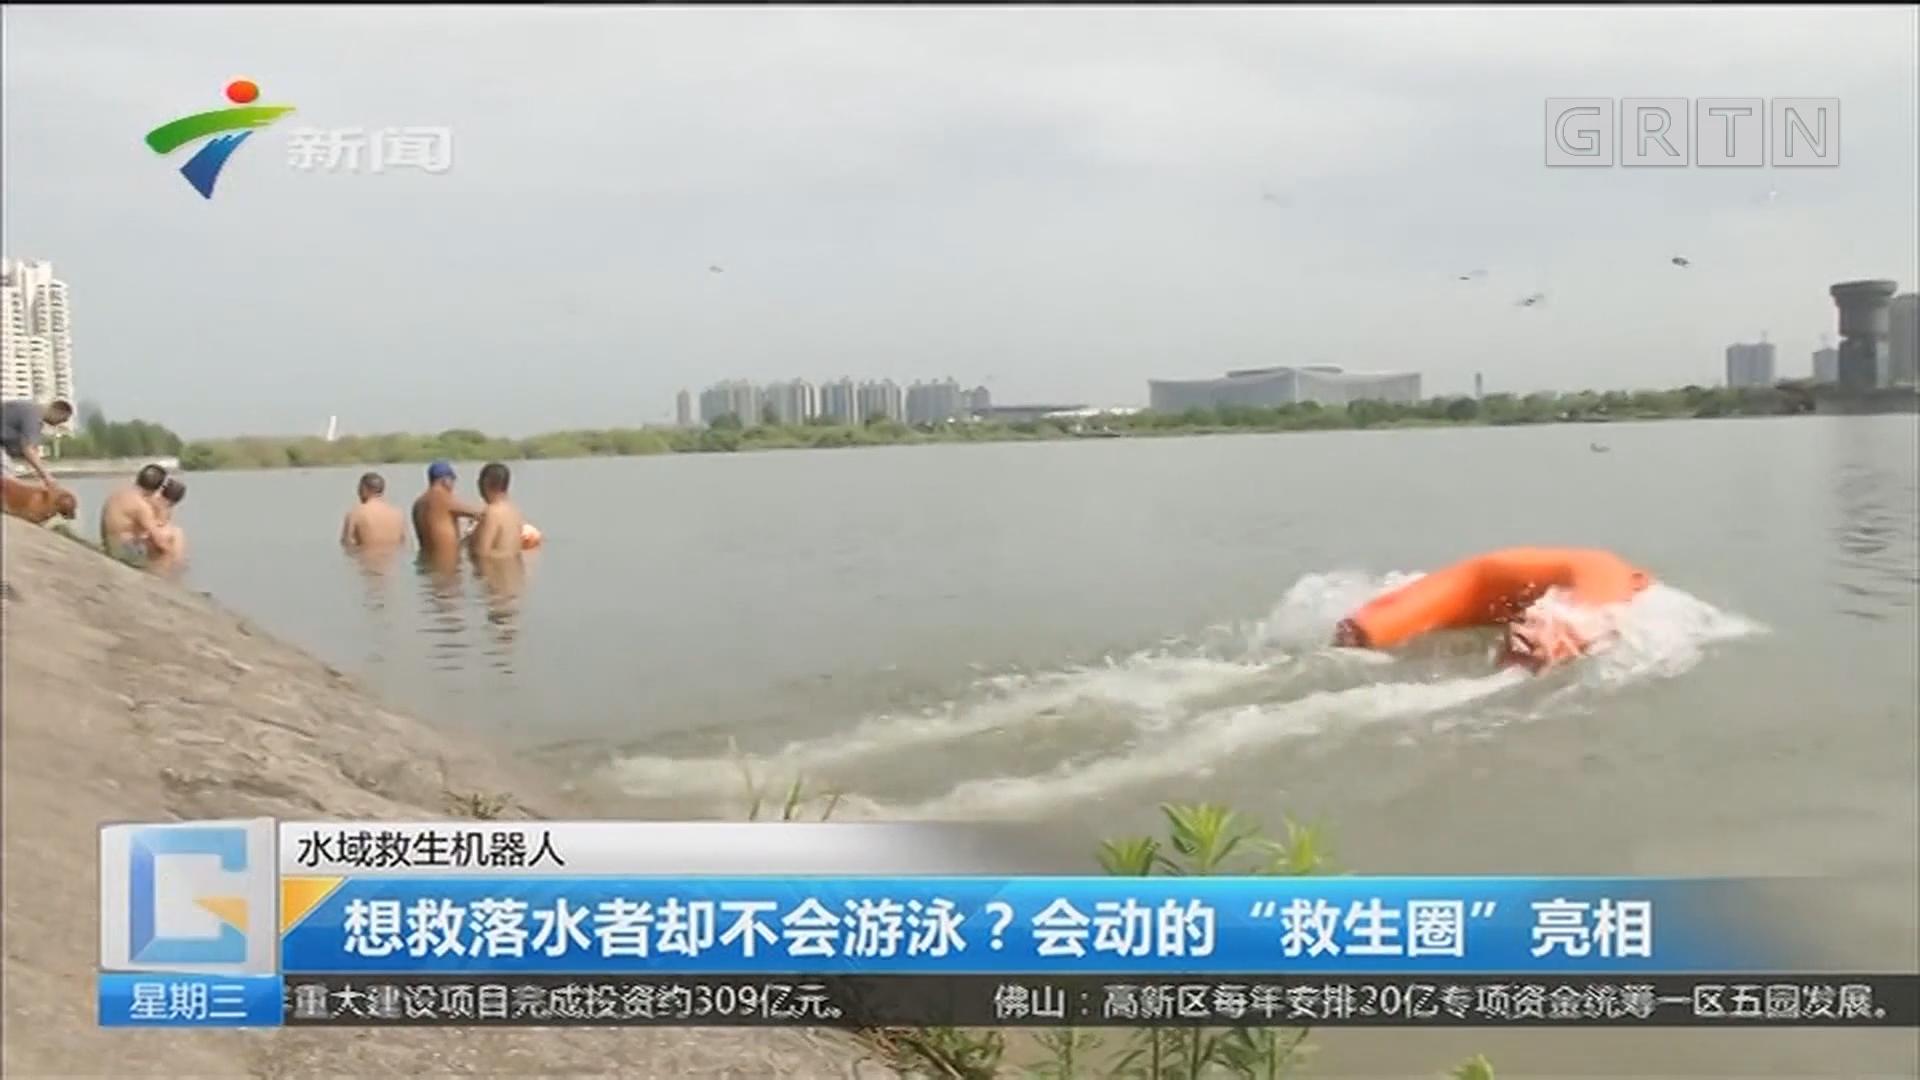 """水域救生机器人:想救落水者却不会游泳?会动的""""救生圈""""亮相"""